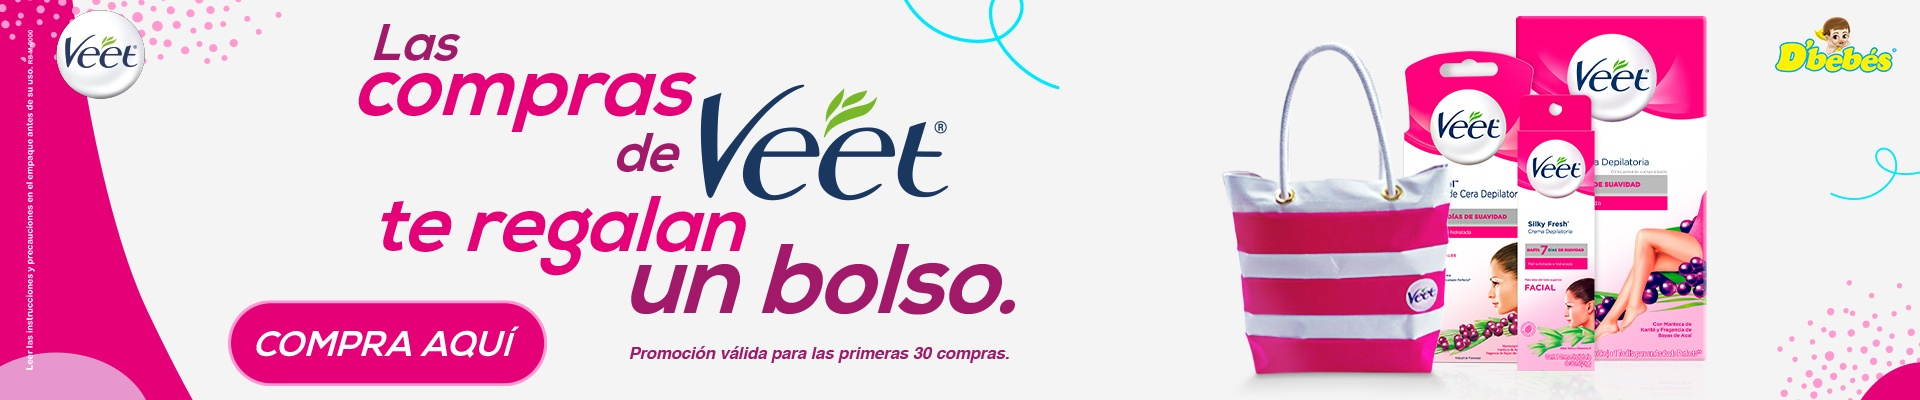 EC Oct Veet Bolso Banner